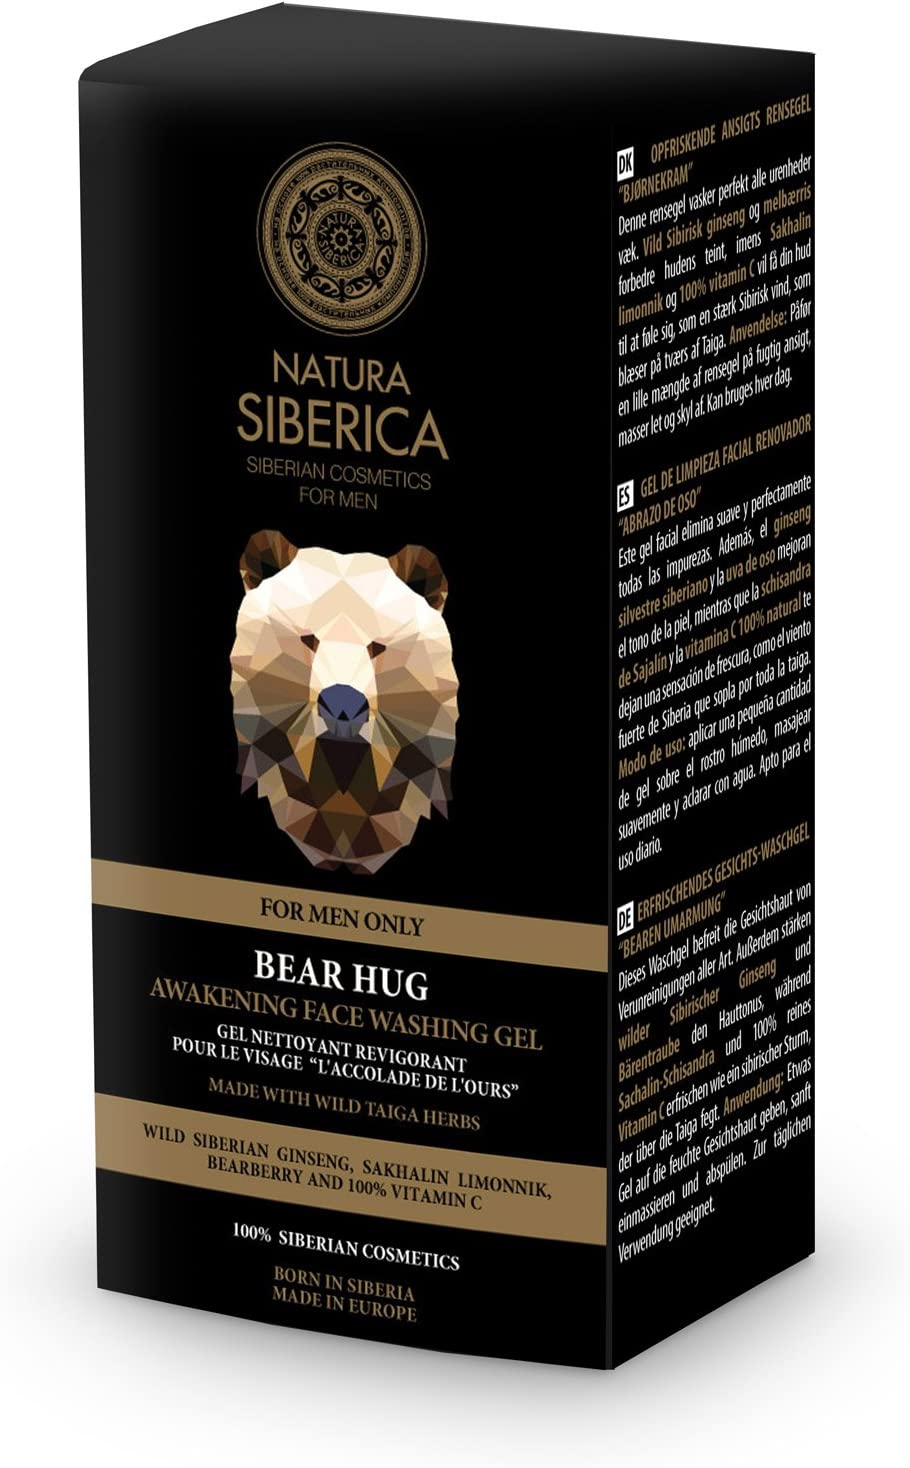 Natura Siberica Gel de Limpieza Facial Renovador Abrazo de Oso - 150 ml